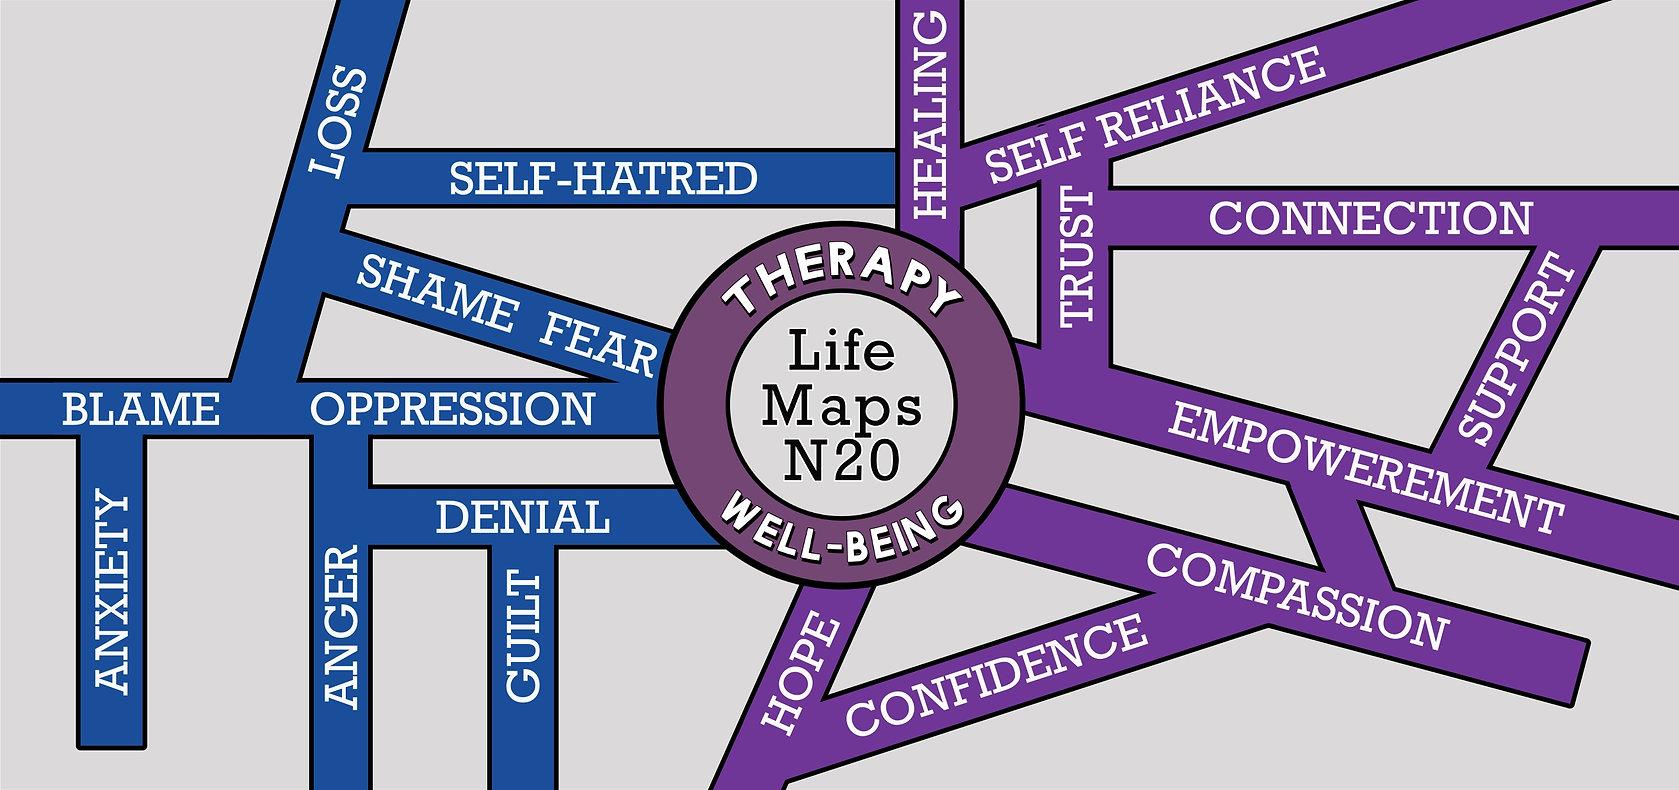 Life Maps N20 no purple update 8.jpg